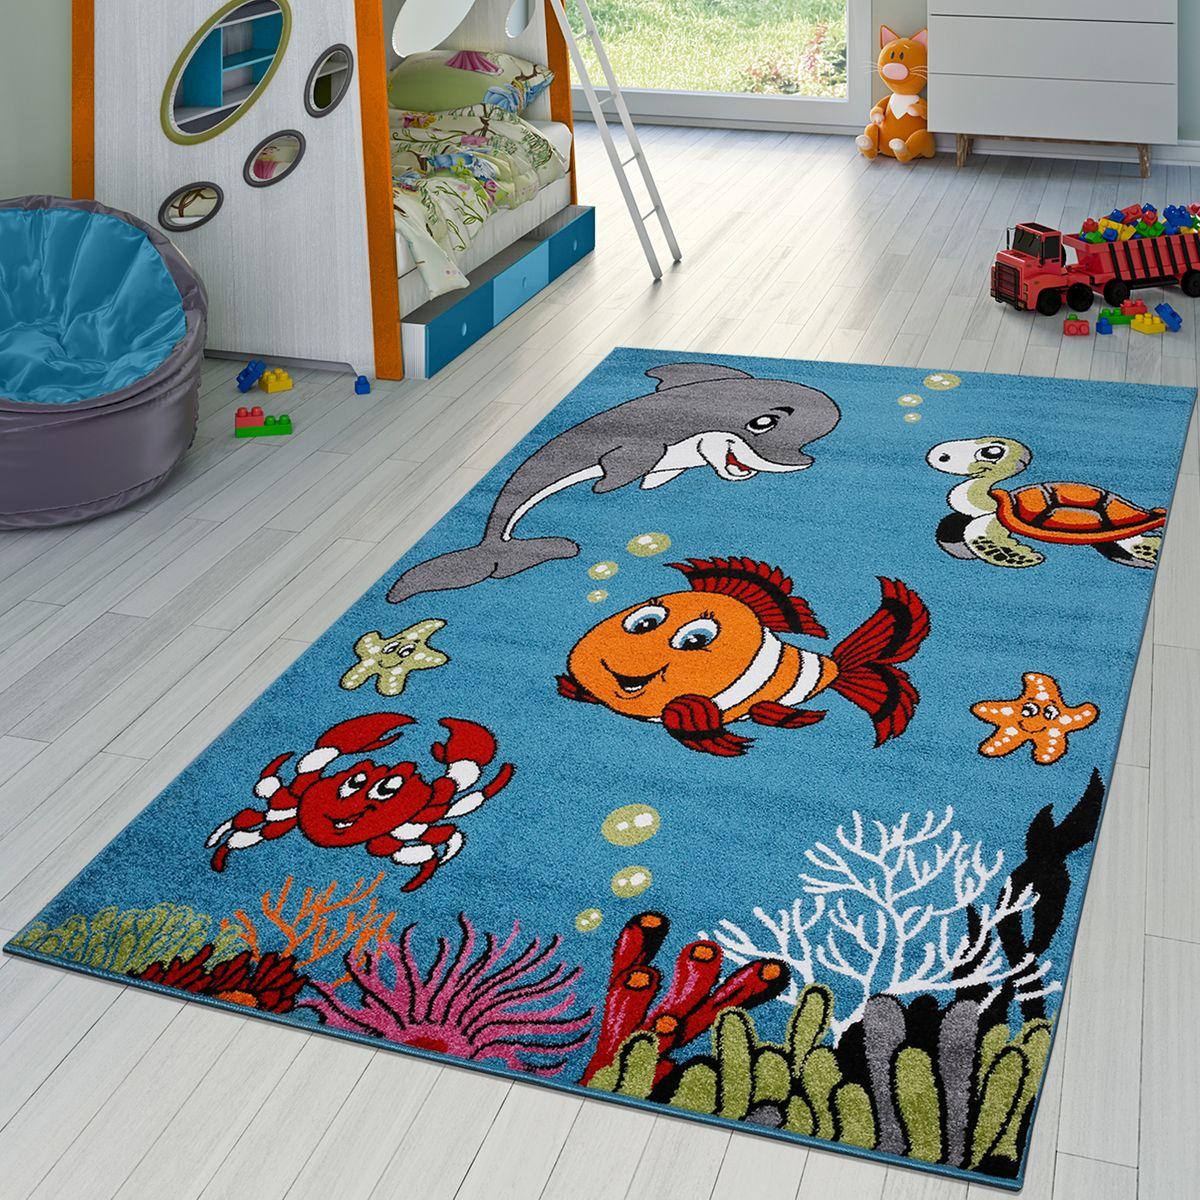 Full Size of Kinderzimmer Teppiche Teppich Unterwasserwelt Trkis Teppichmax Regal Regale Sofa Weiß Wohnzimmer Kinderzimmer Kinderzimmer Teppiche